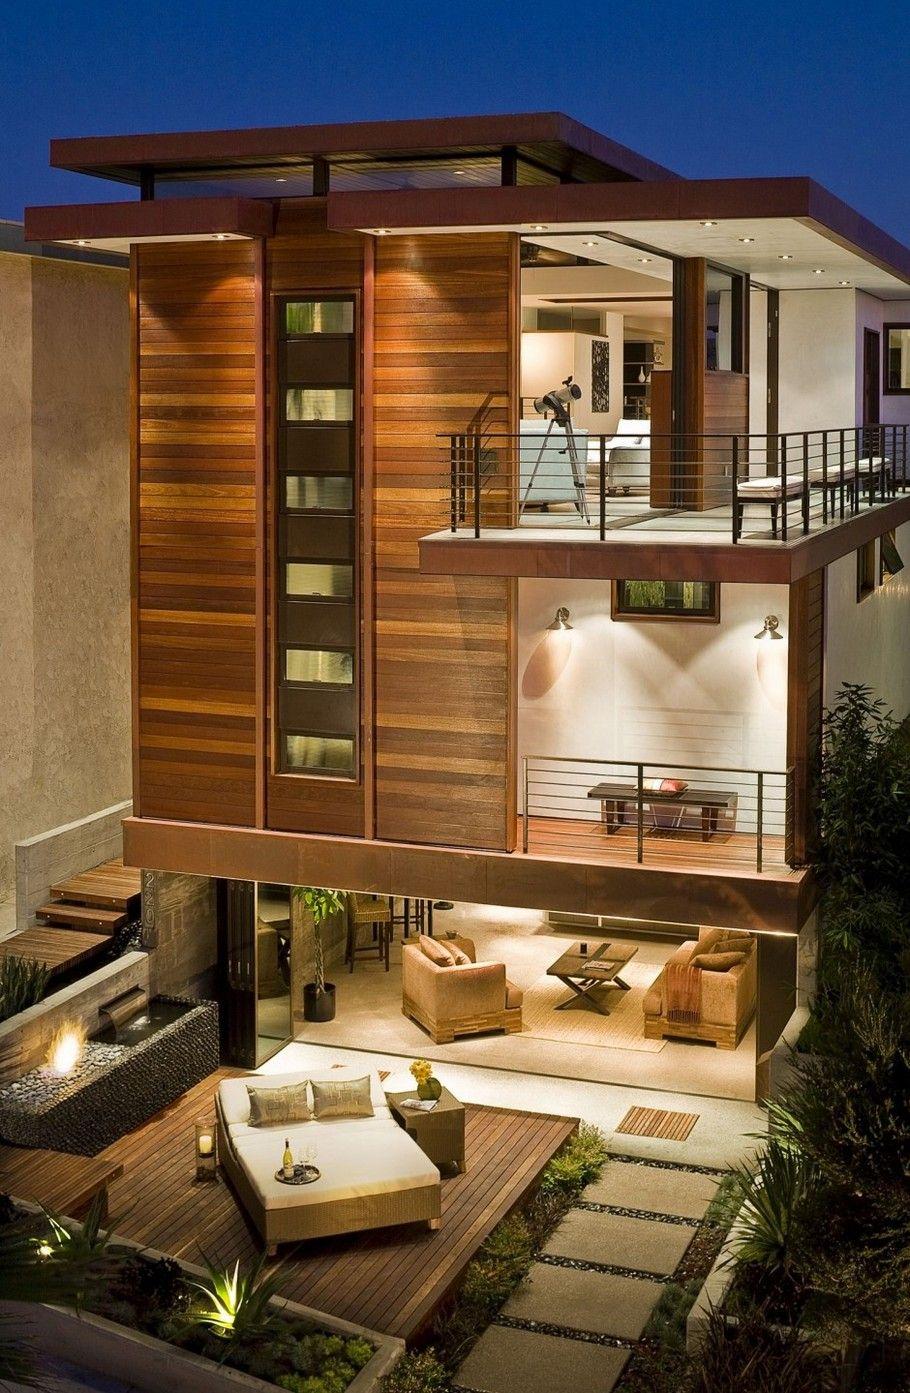 Intérieur moderne de maison maisons modernes de luxe portes intérieures